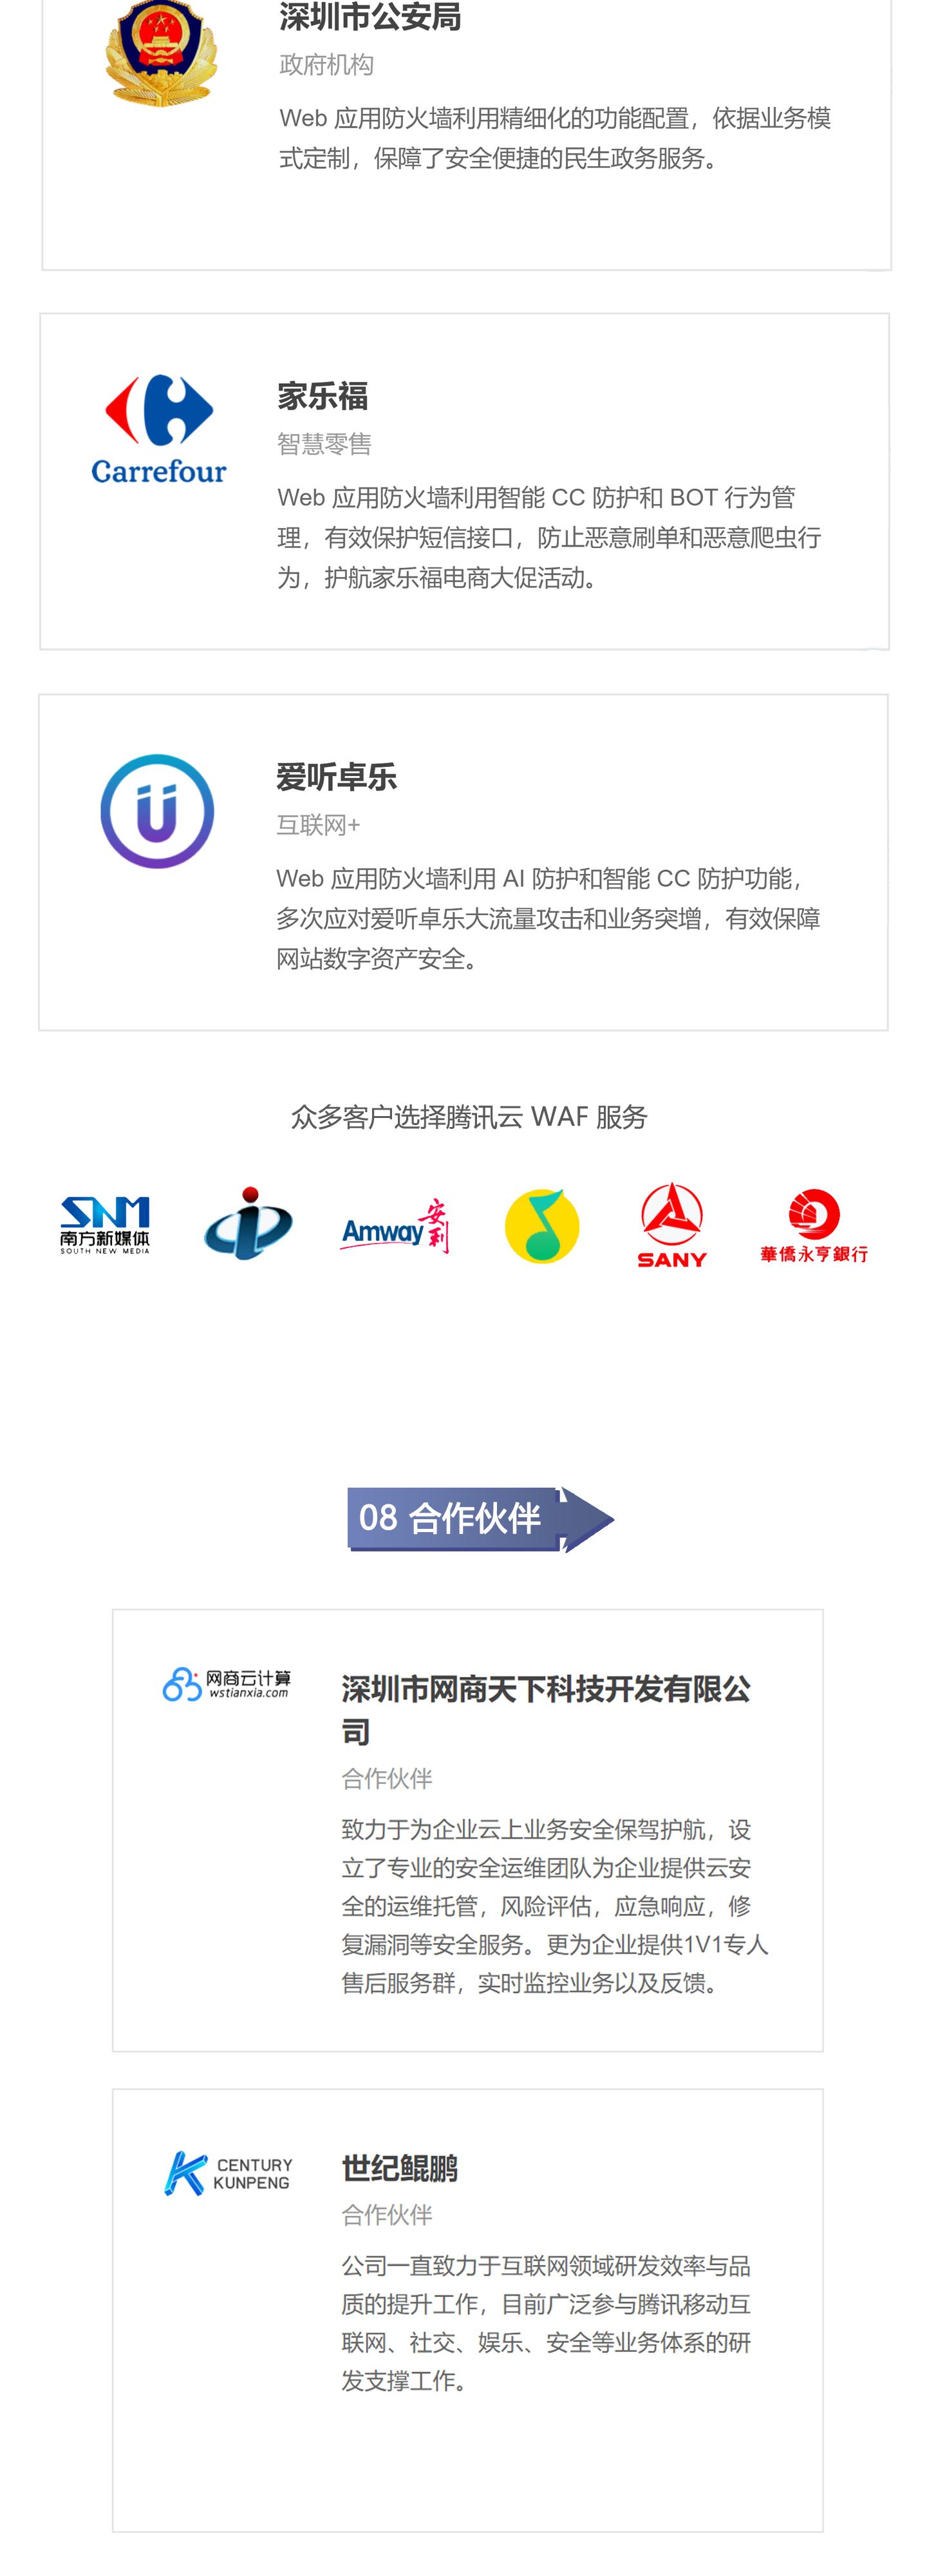 T-Sec-Web-应用防火墙1440_09.jpg